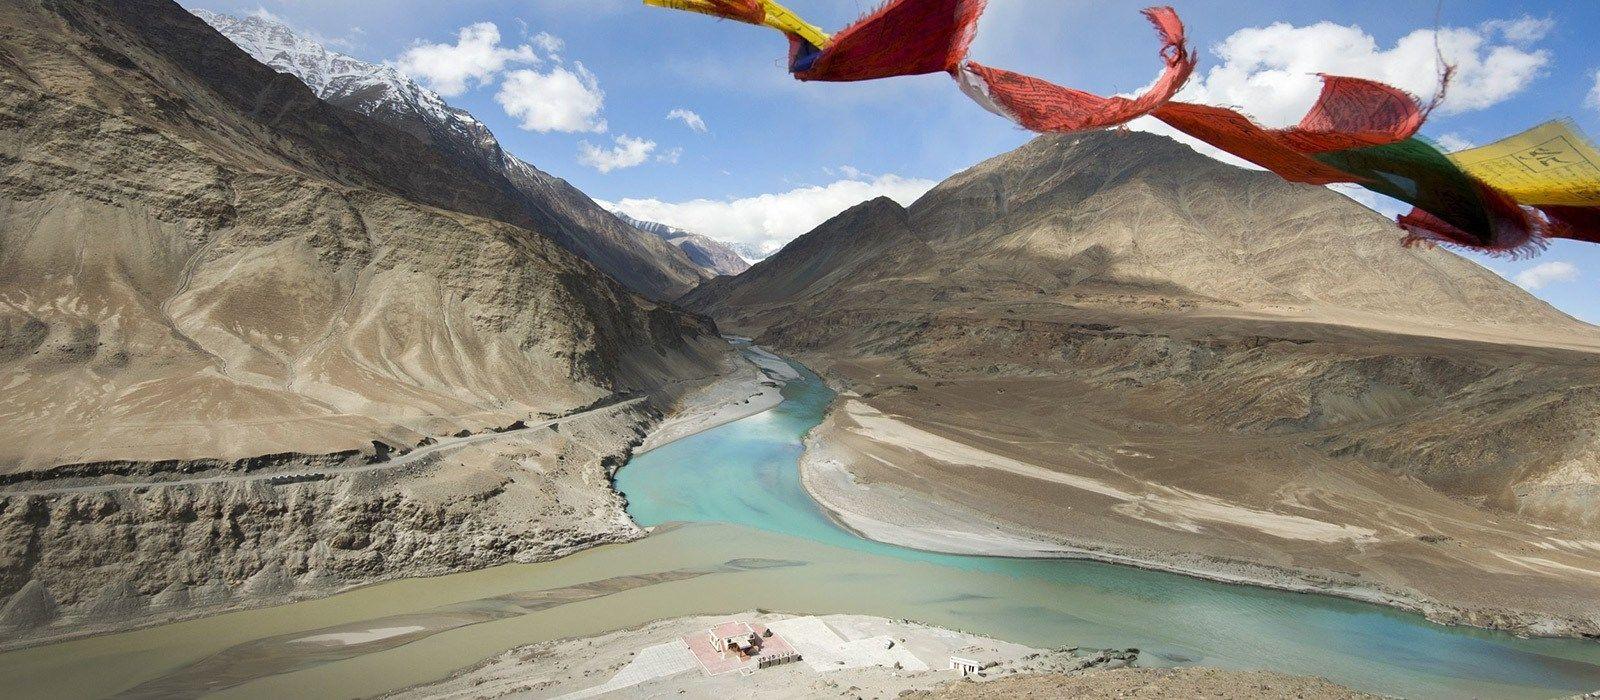 Schlafen unter Sternen auf dem Dach der Welt – Himalaya Luxusreise Urlaub 2